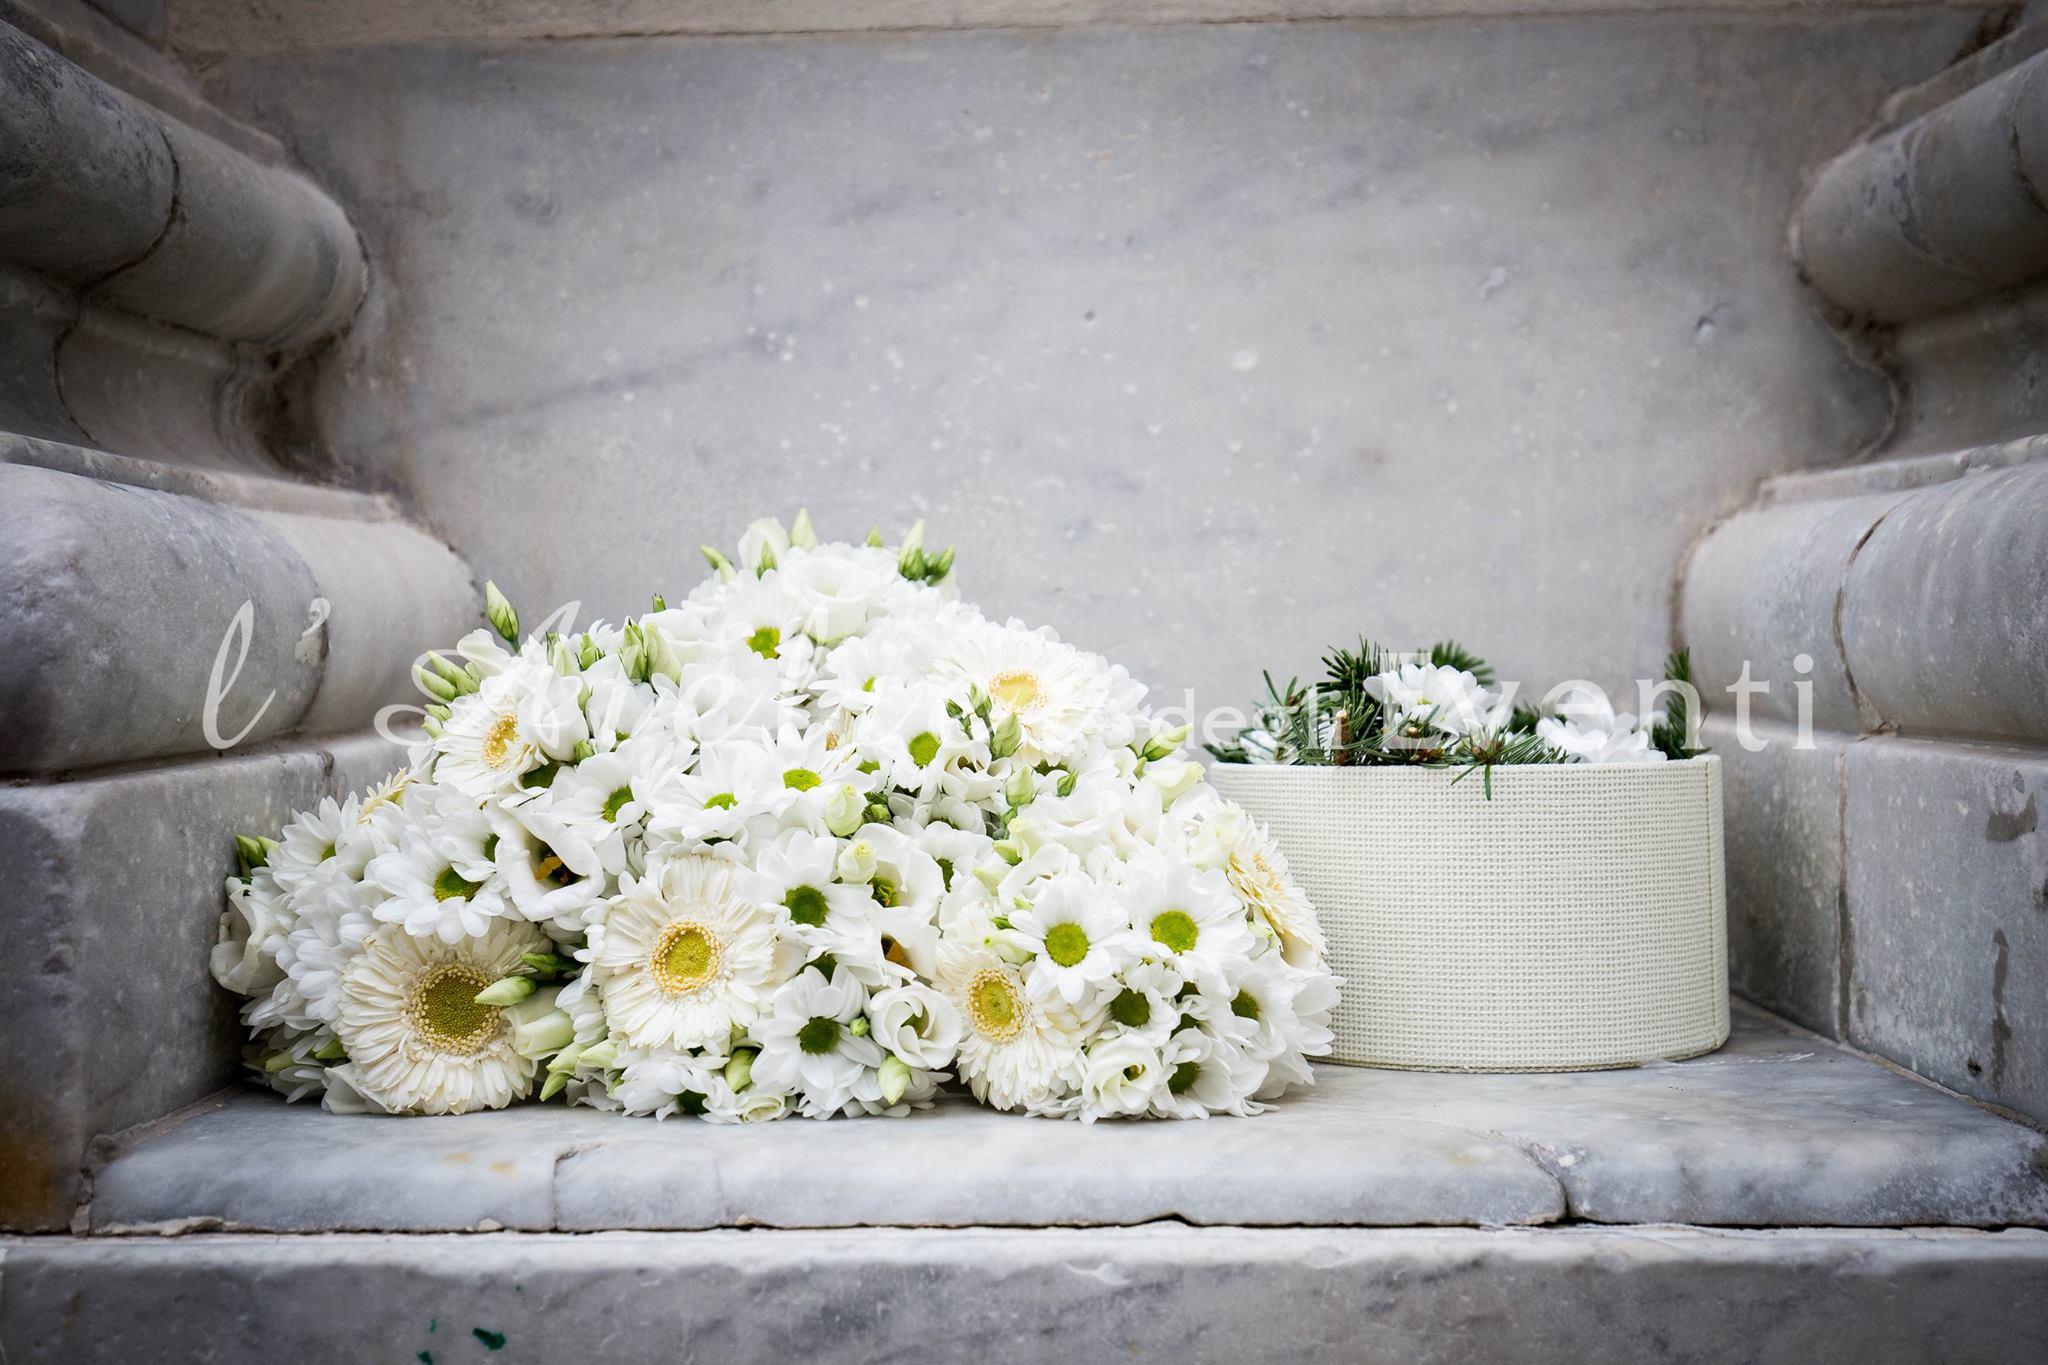 03_bouquet_damigelle_margherite_matrimonio_liguria_nozze_fiori